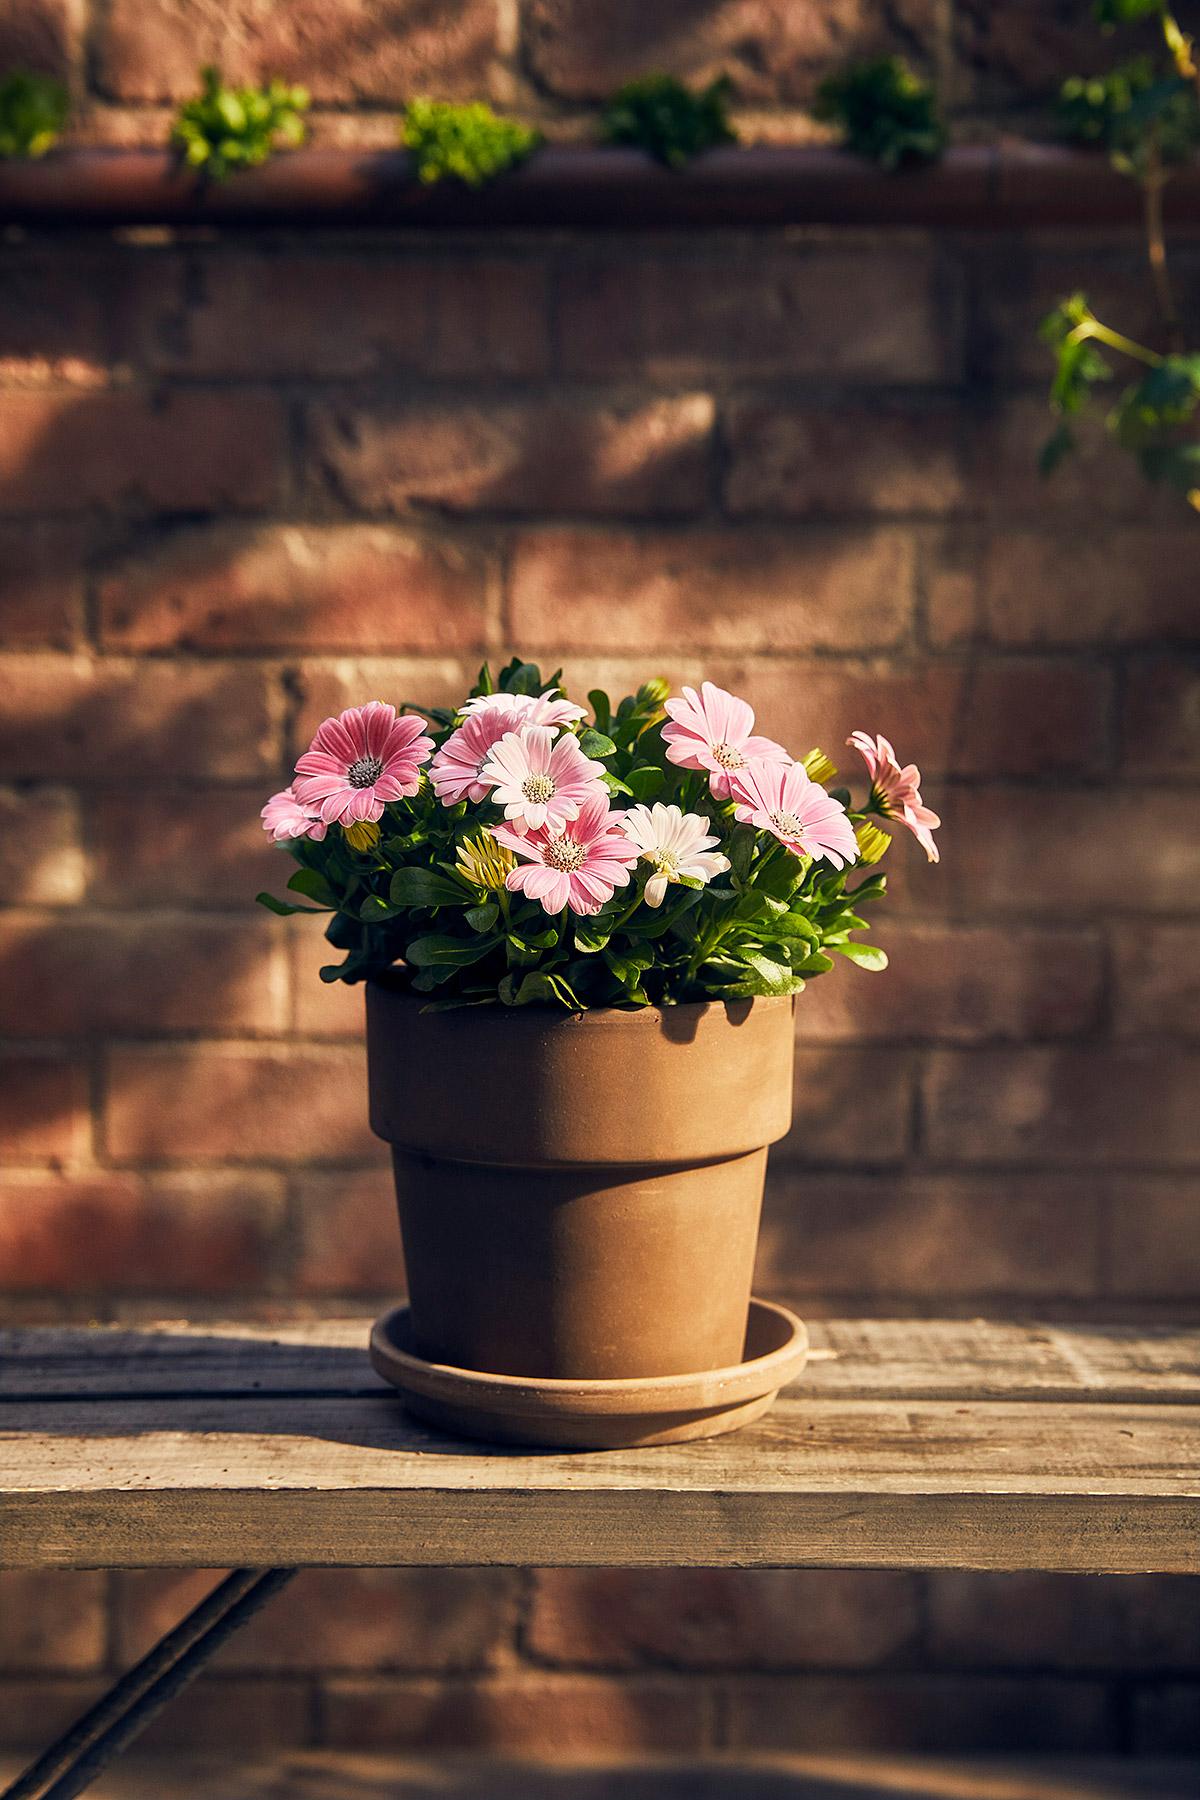 Blomsterlandet_Gerilla_10246_MINT.jpg